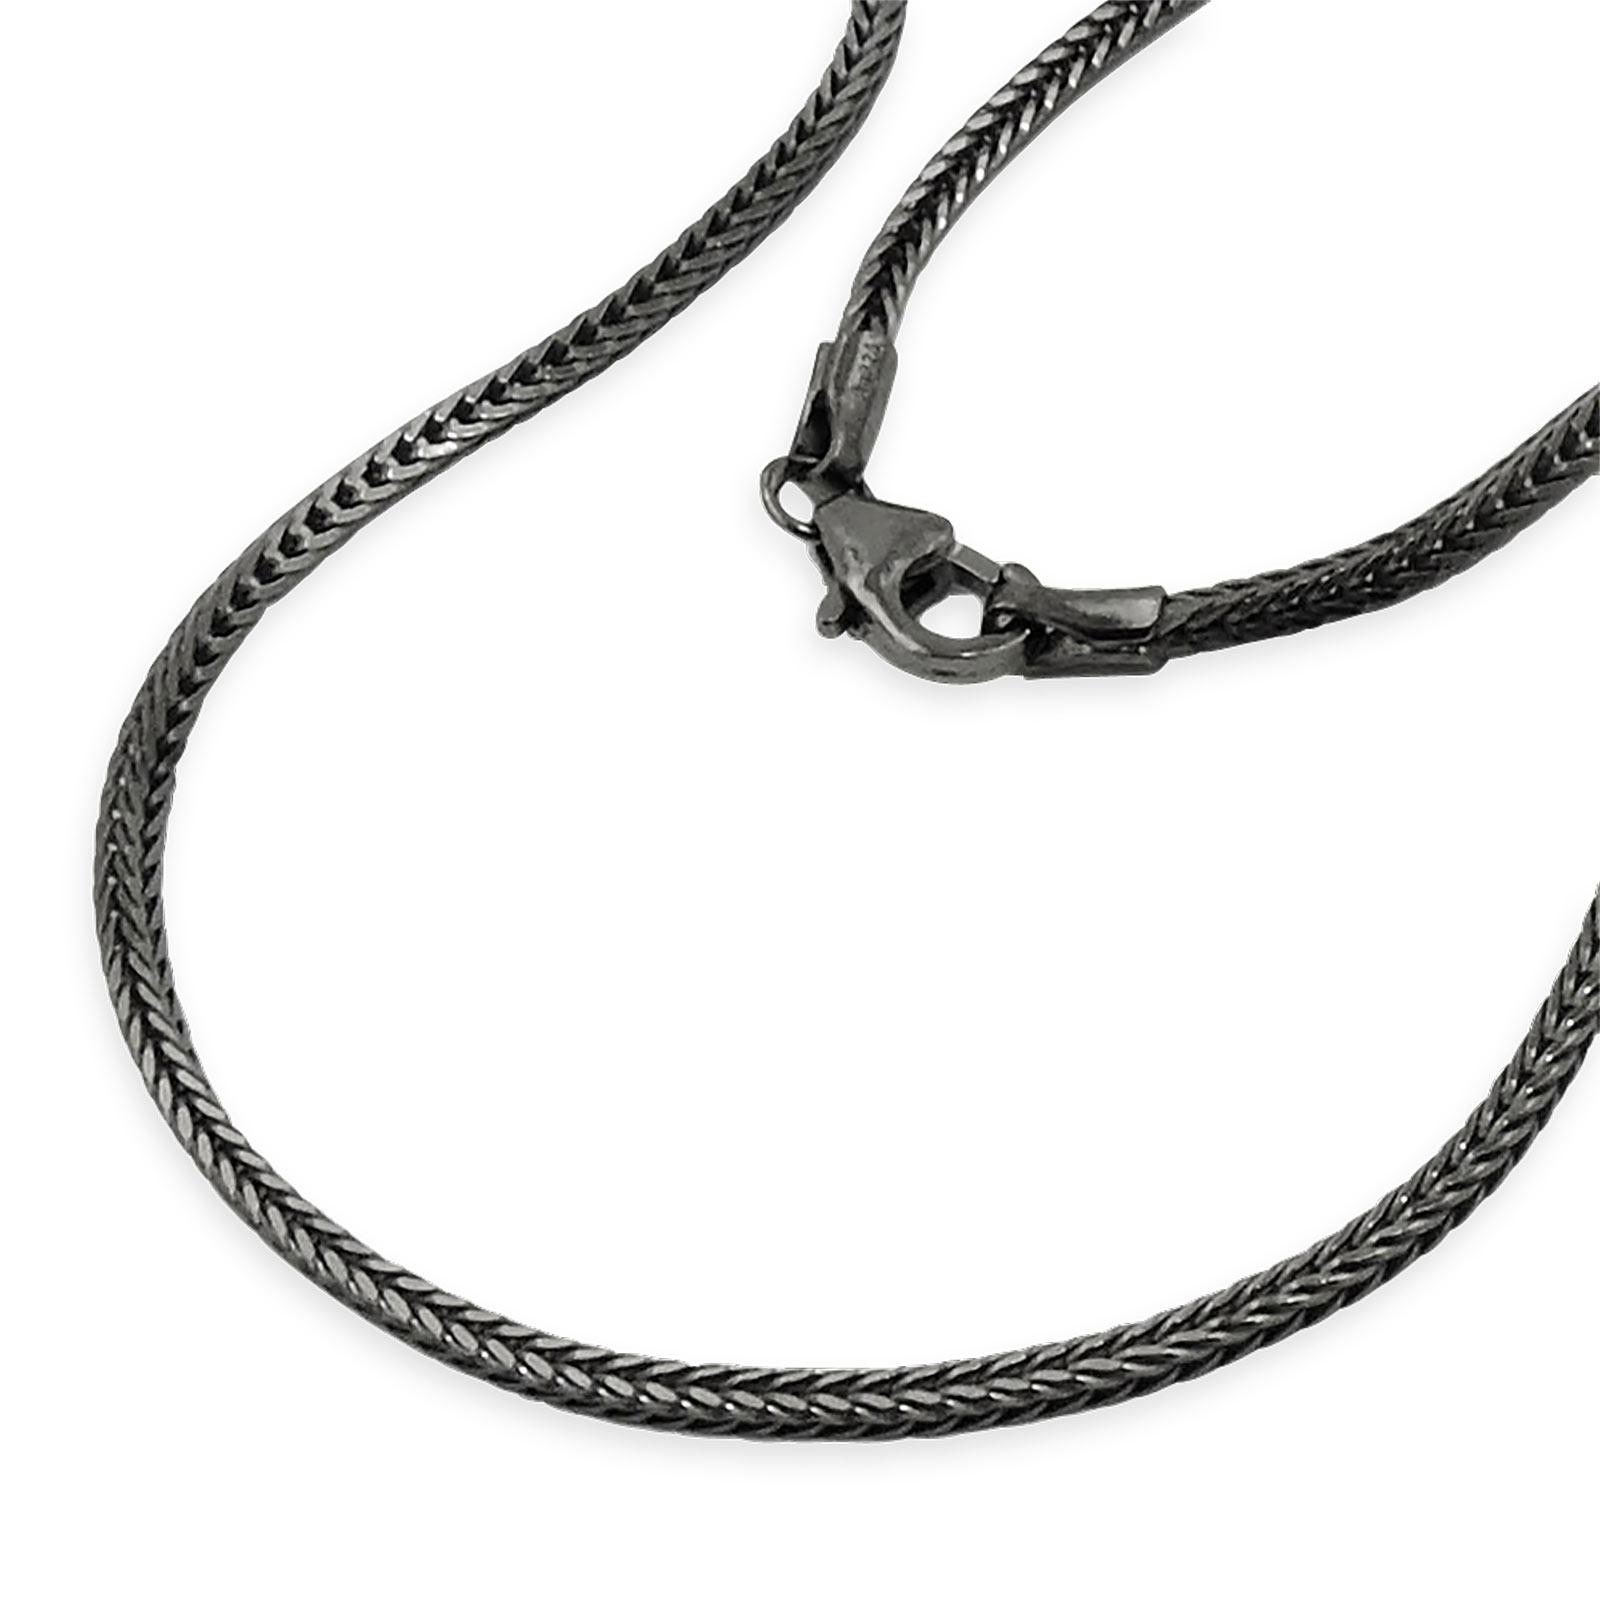 Fuchsschwanzkette schwarz 42 cm